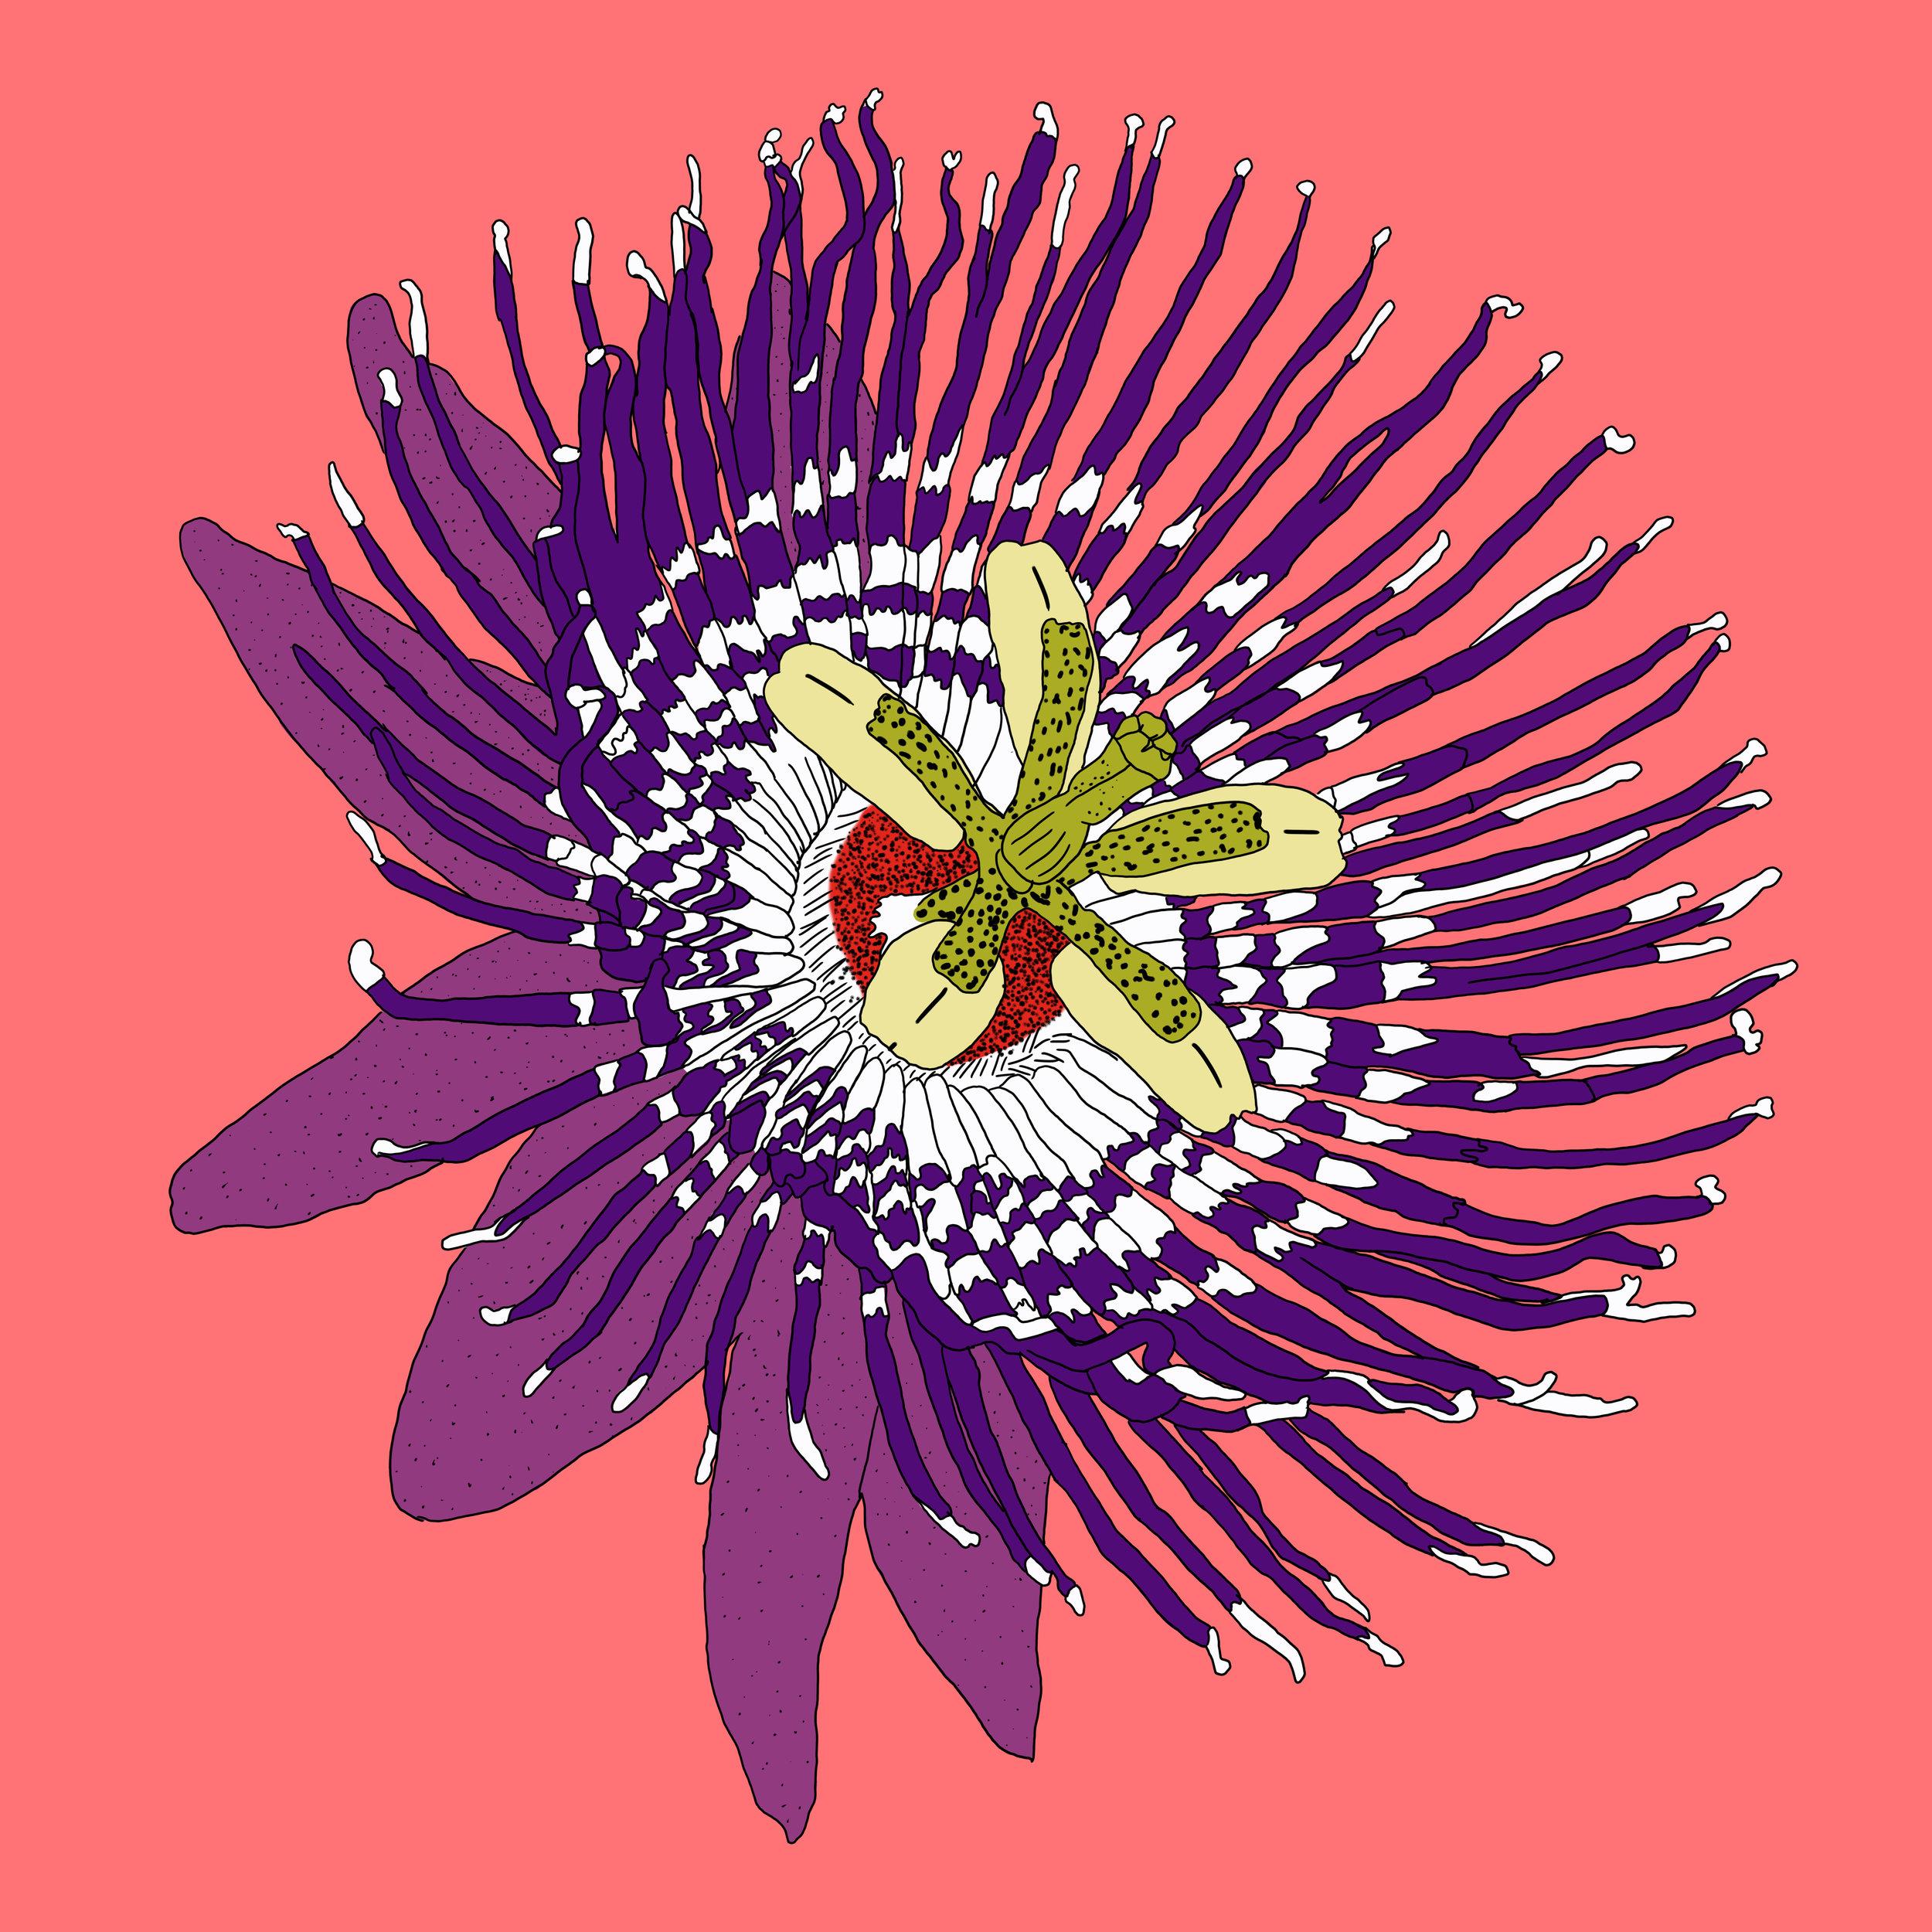 22_Flowers.jpg